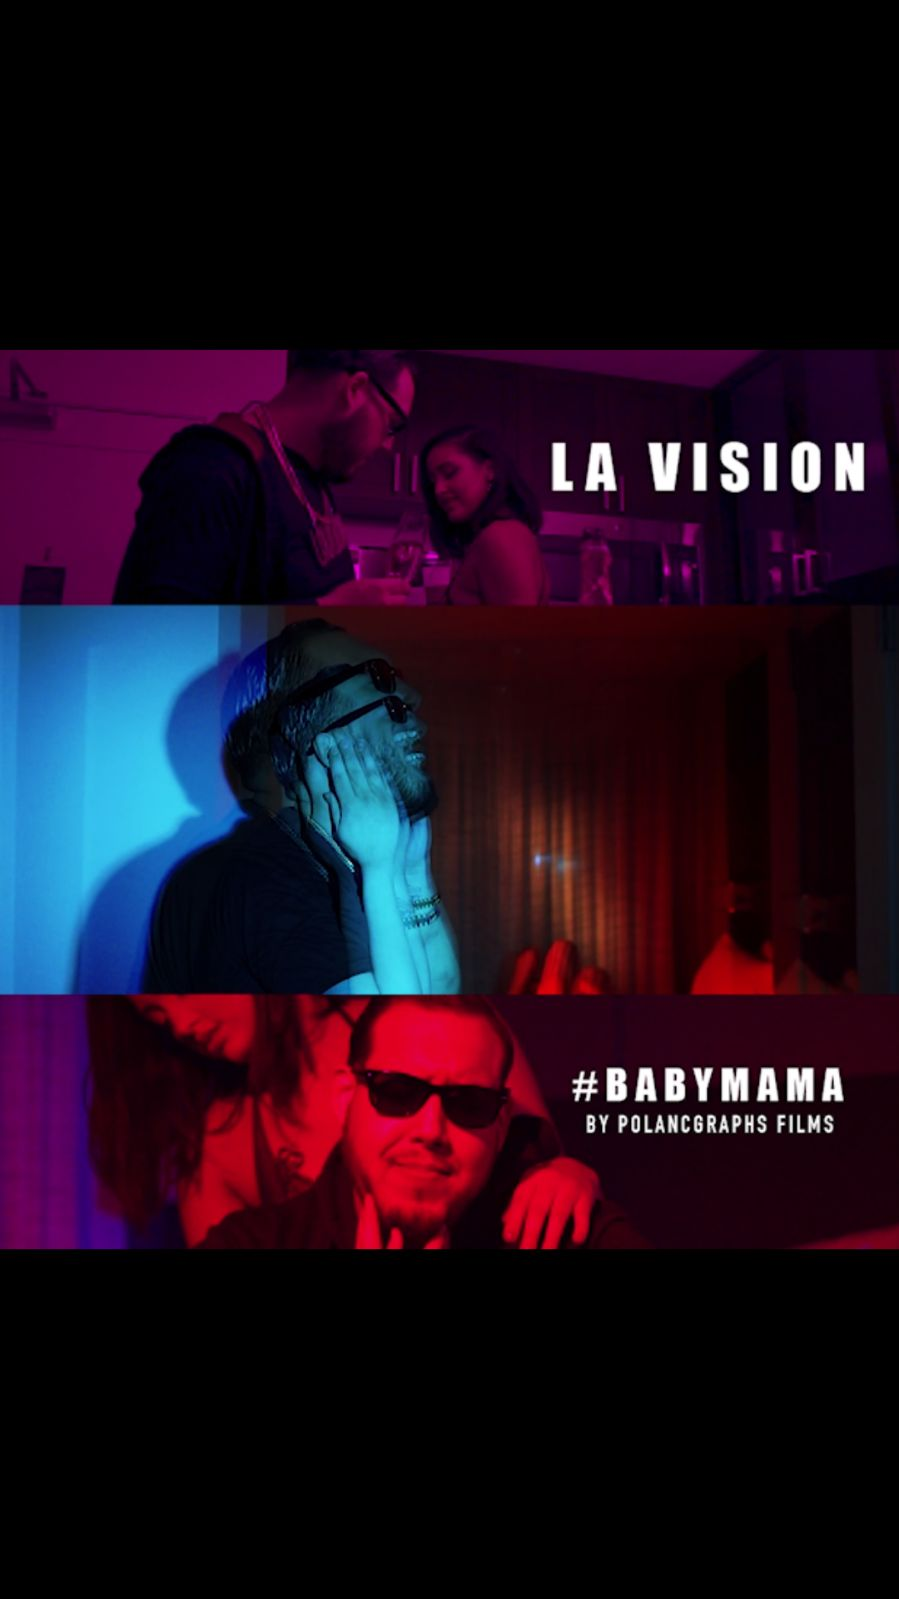 babymama - La Vision - BabyMama (Mp3+Video) (Estreno Este Sábado)